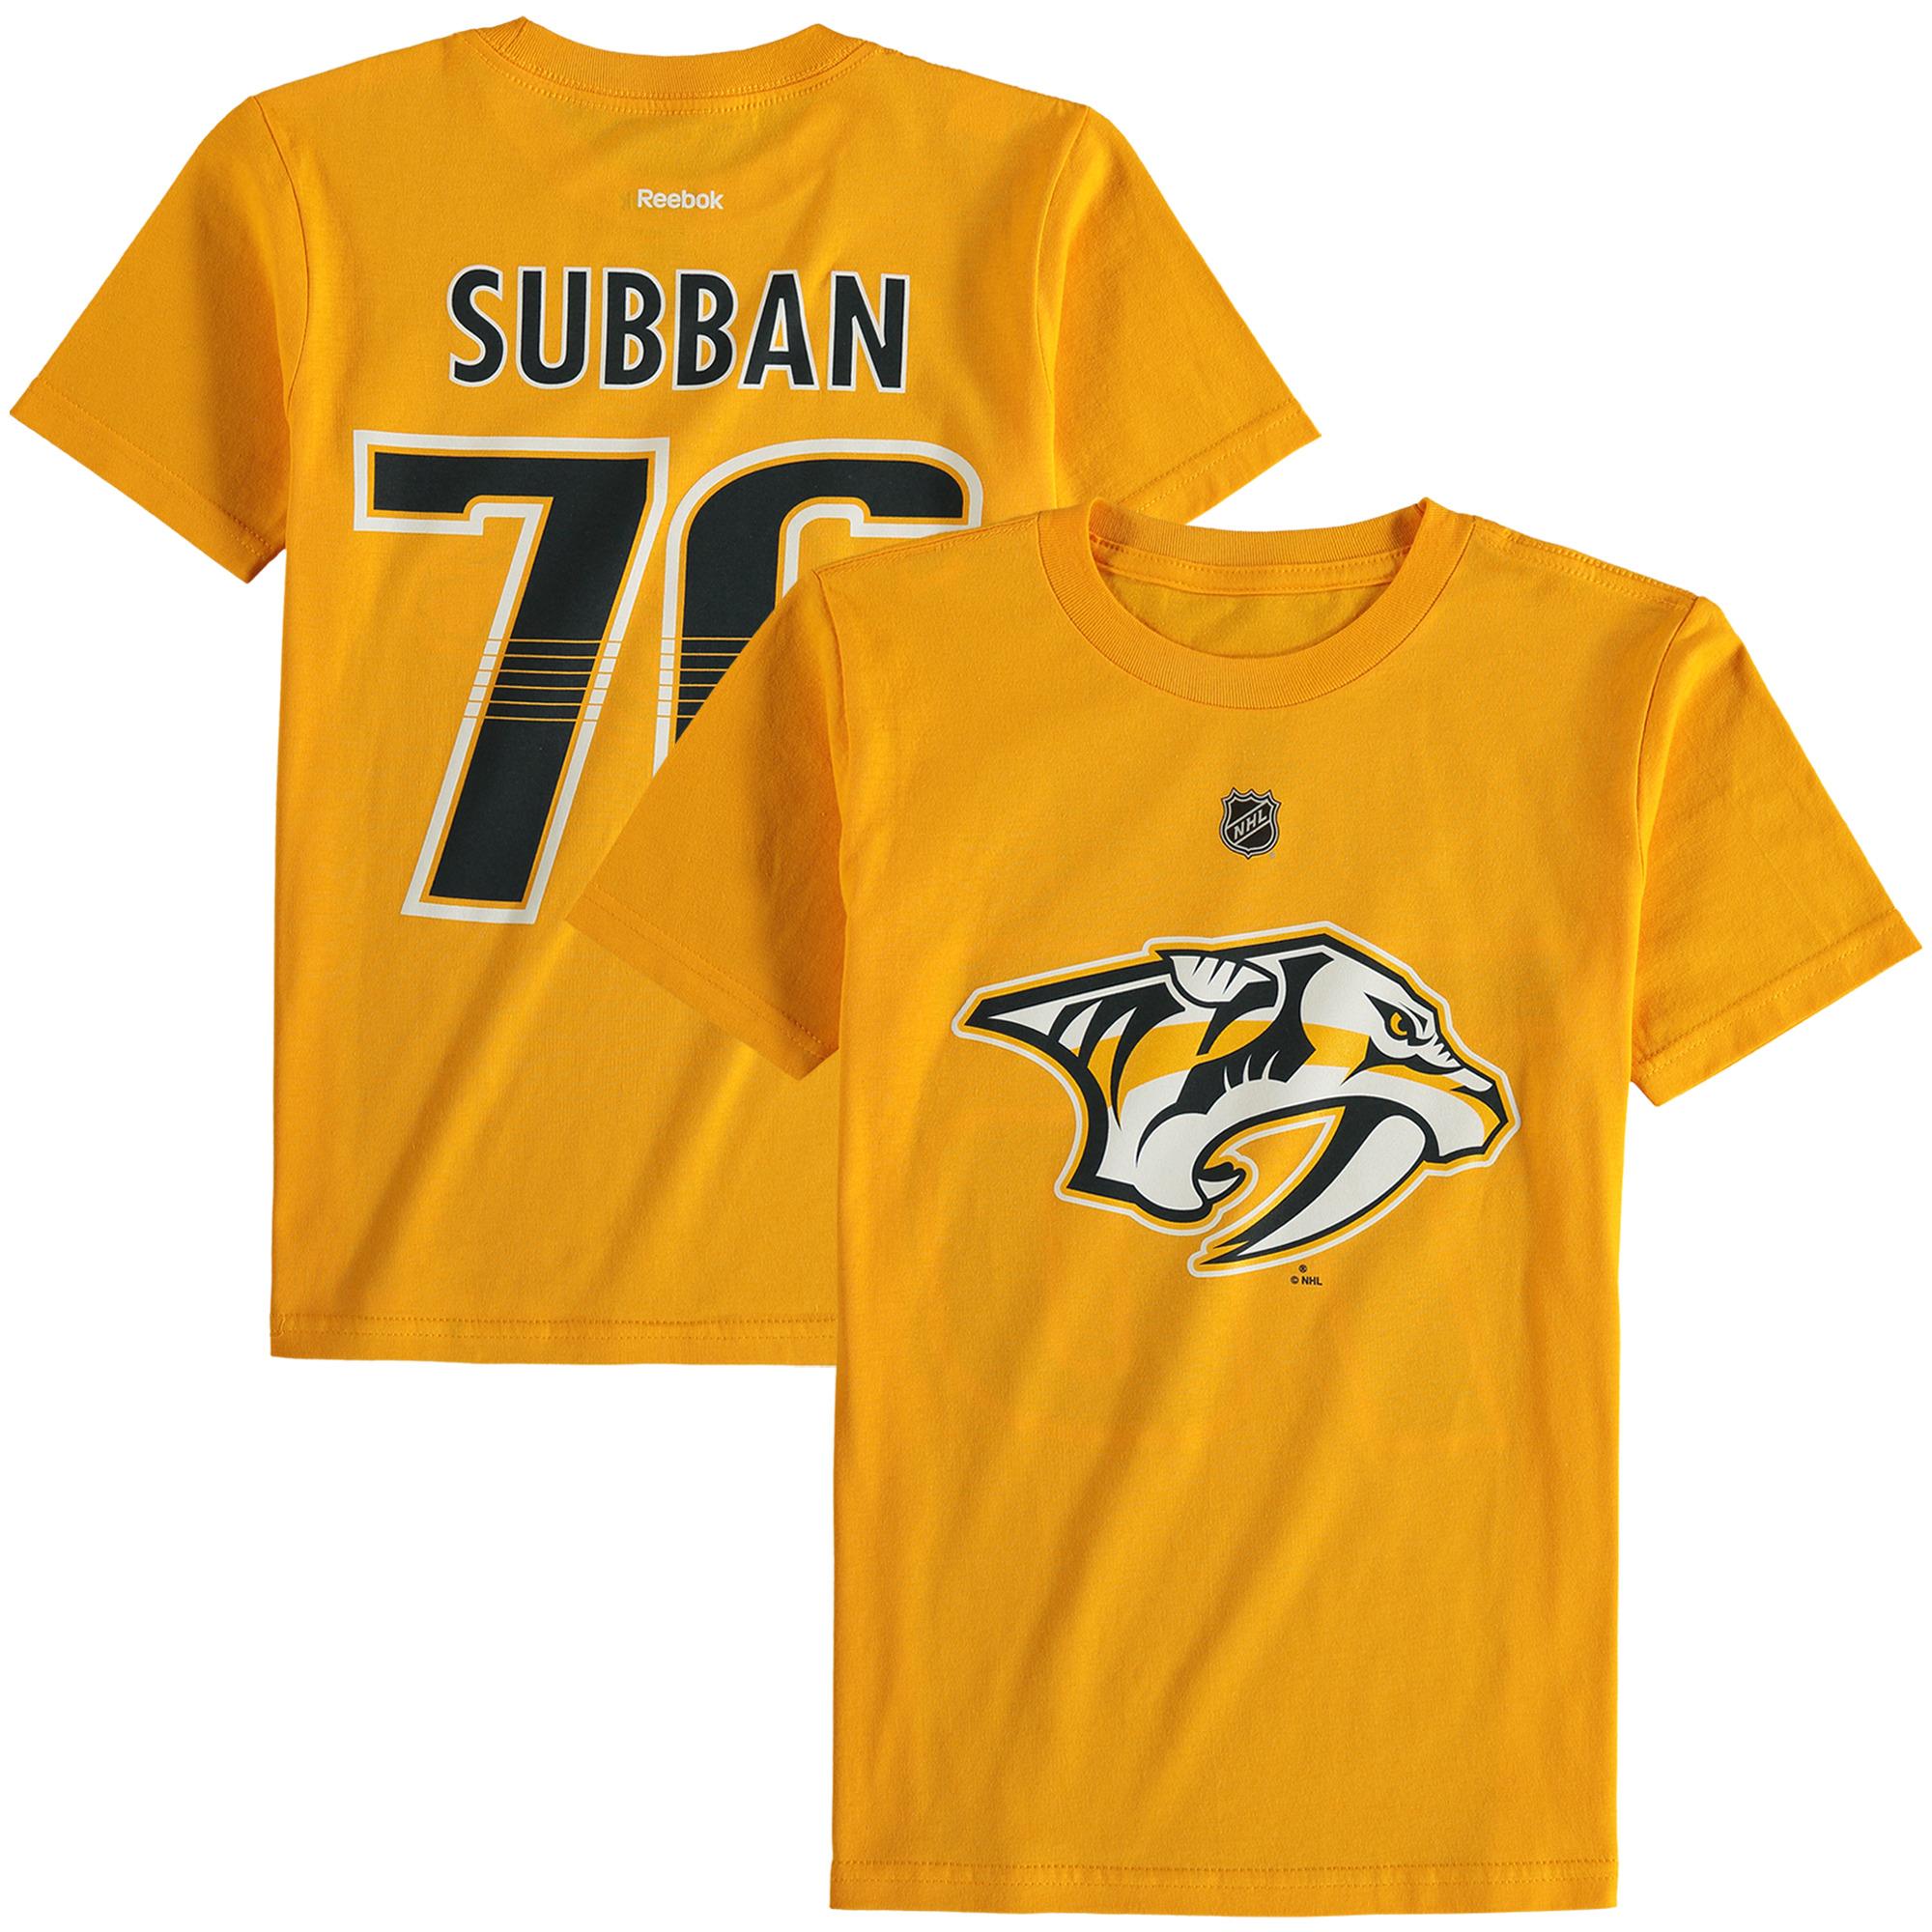 Reebok Dětské tričko PK Subban Nashville Predators NHL Name & Number Velikost: Dětské M (9 - 11 let)